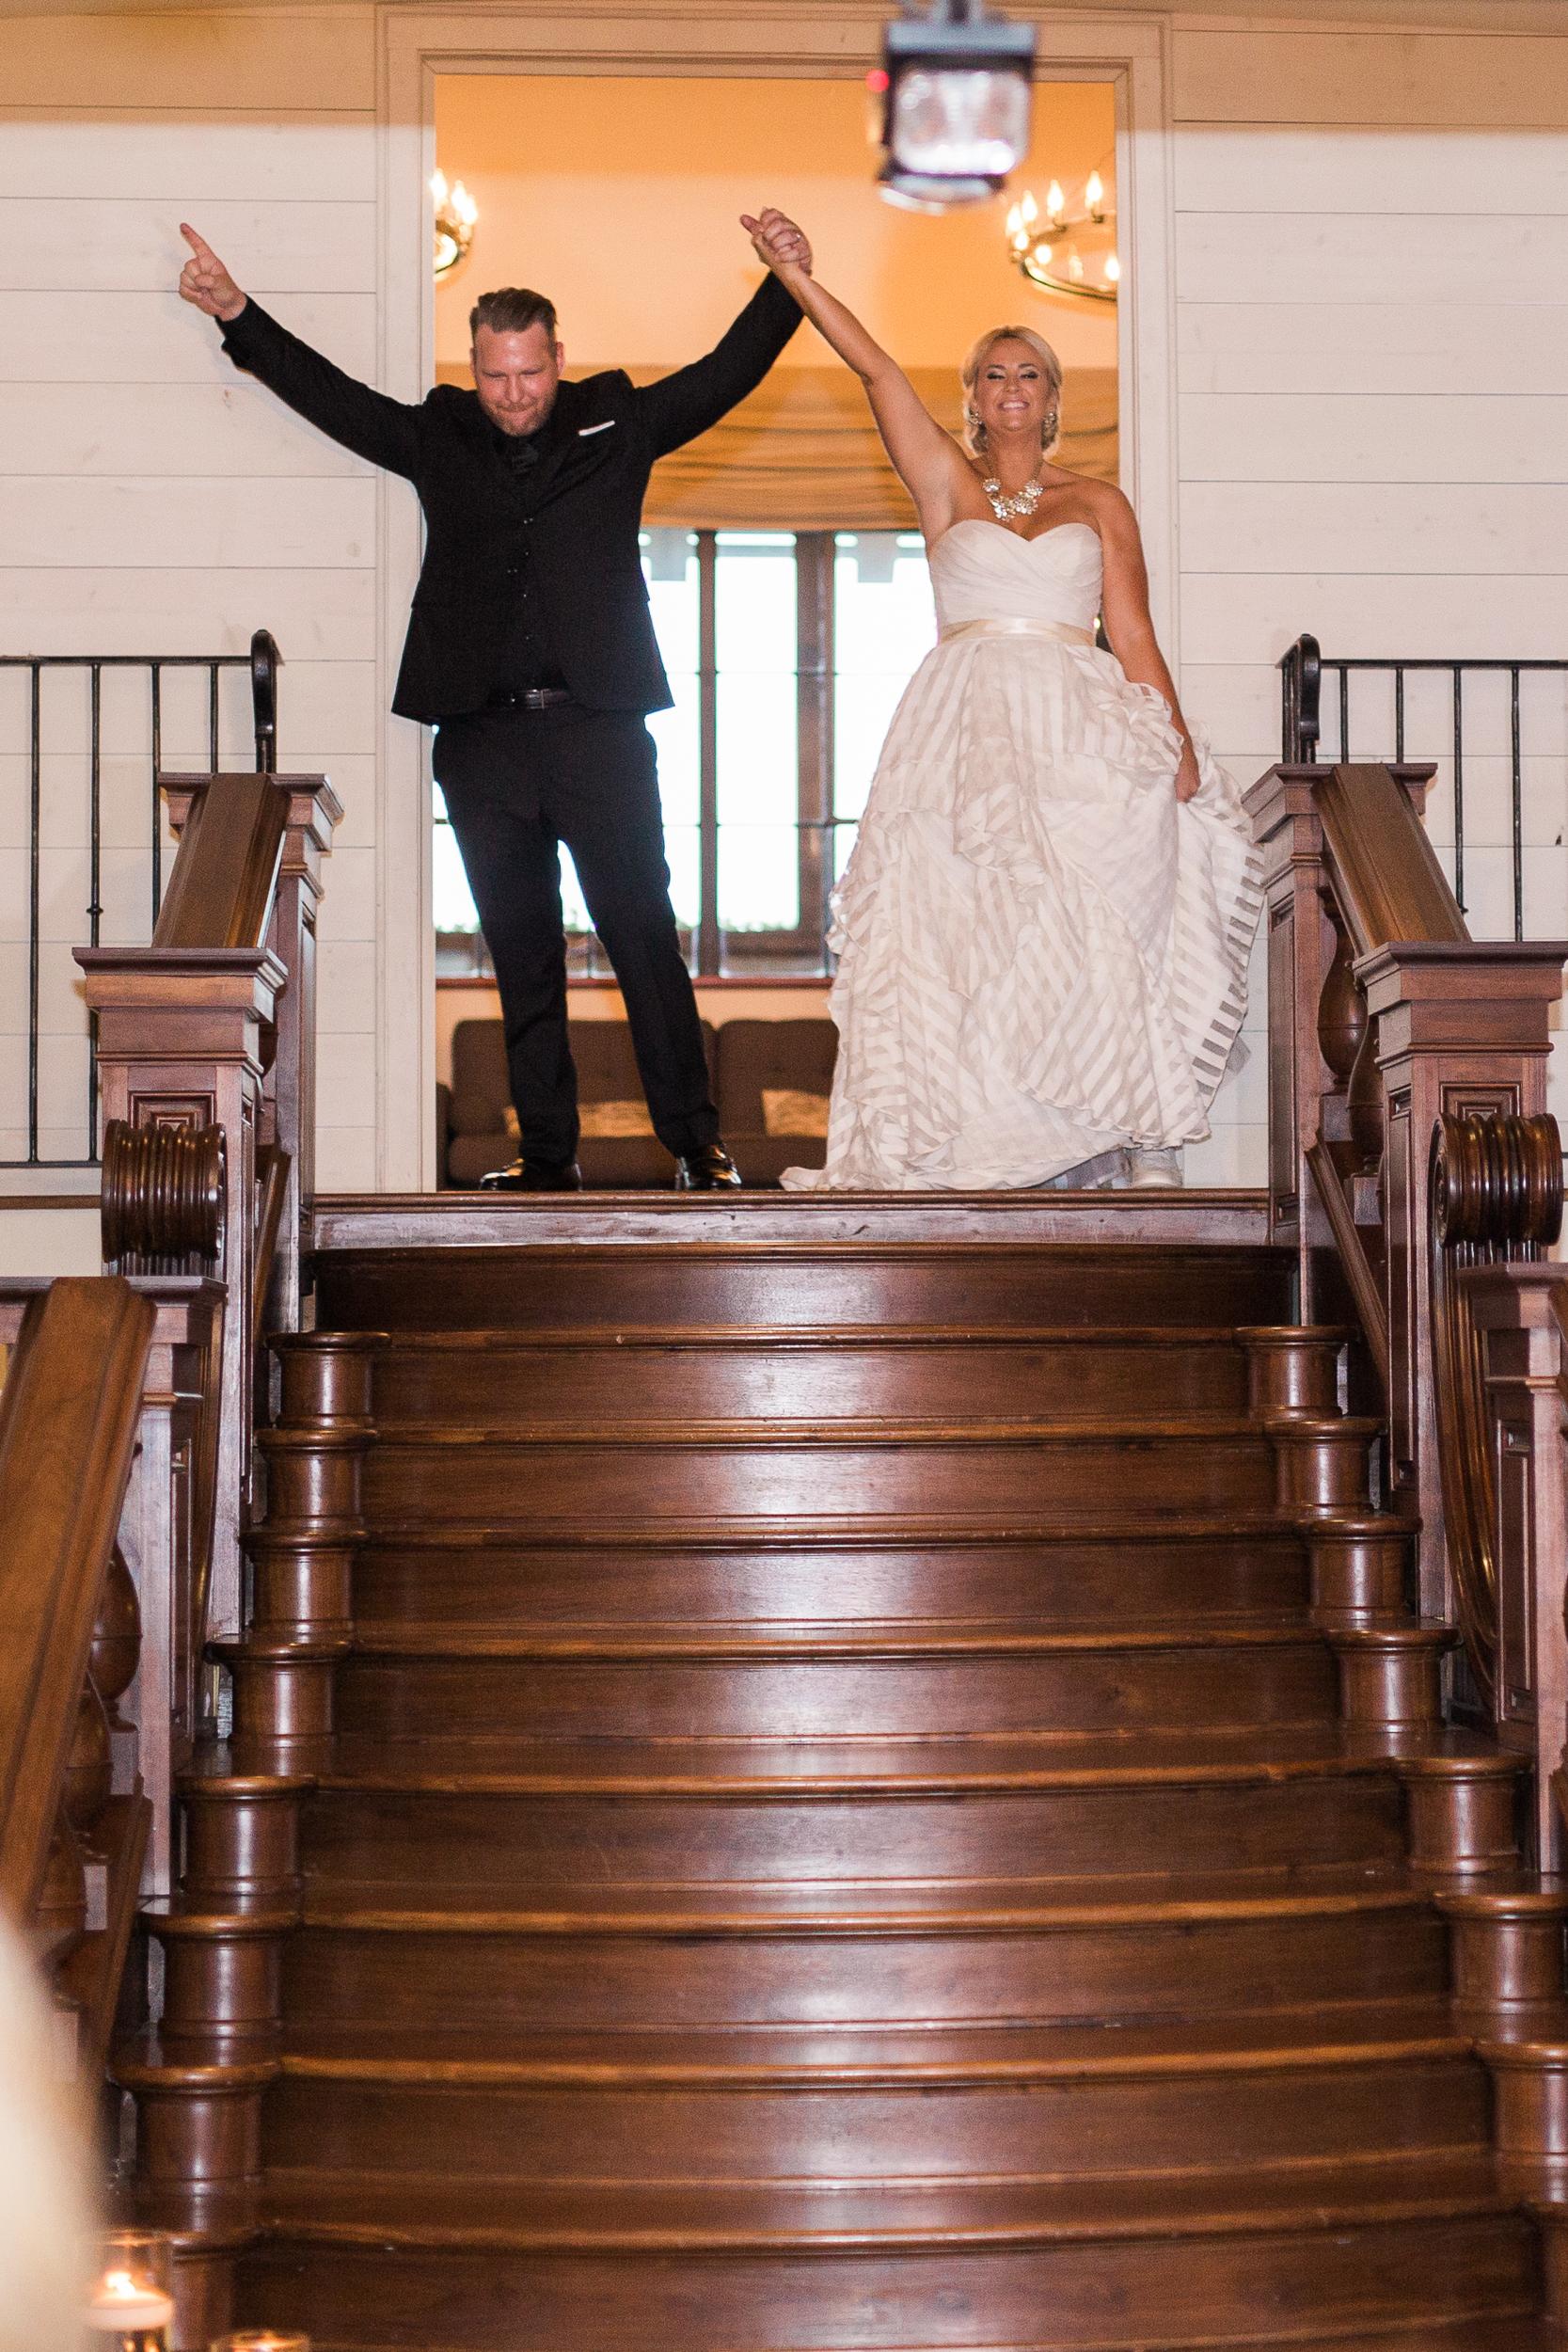 GY5A1010 Sponsel Wedding.jpg